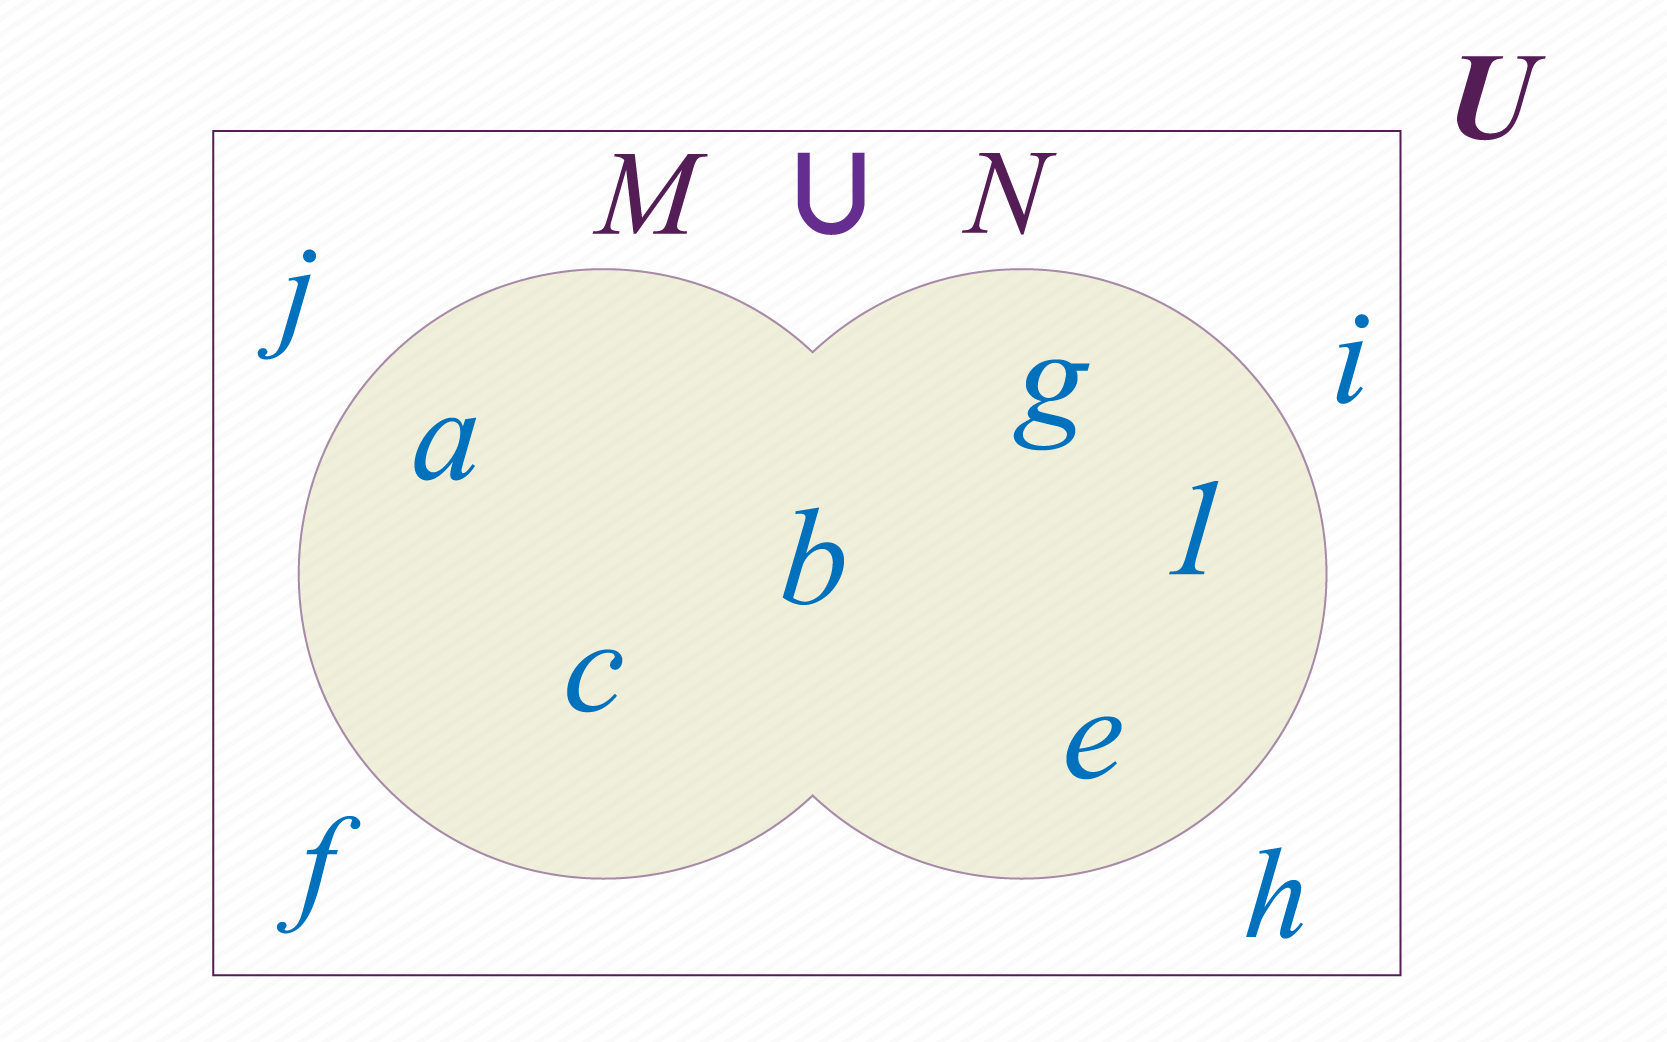 Unión de M y N.